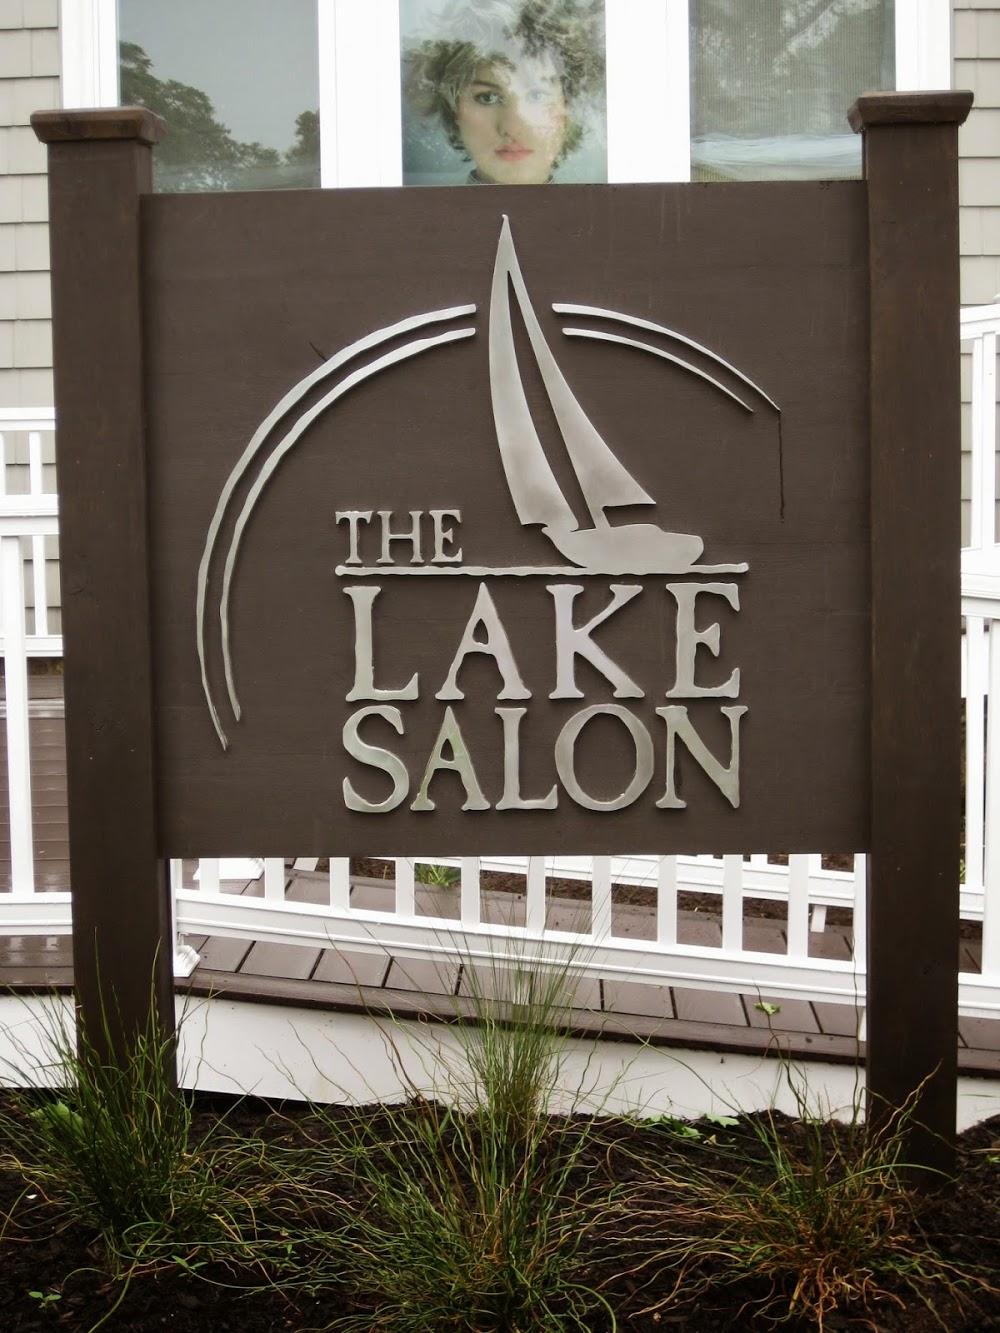 The Lake Salon